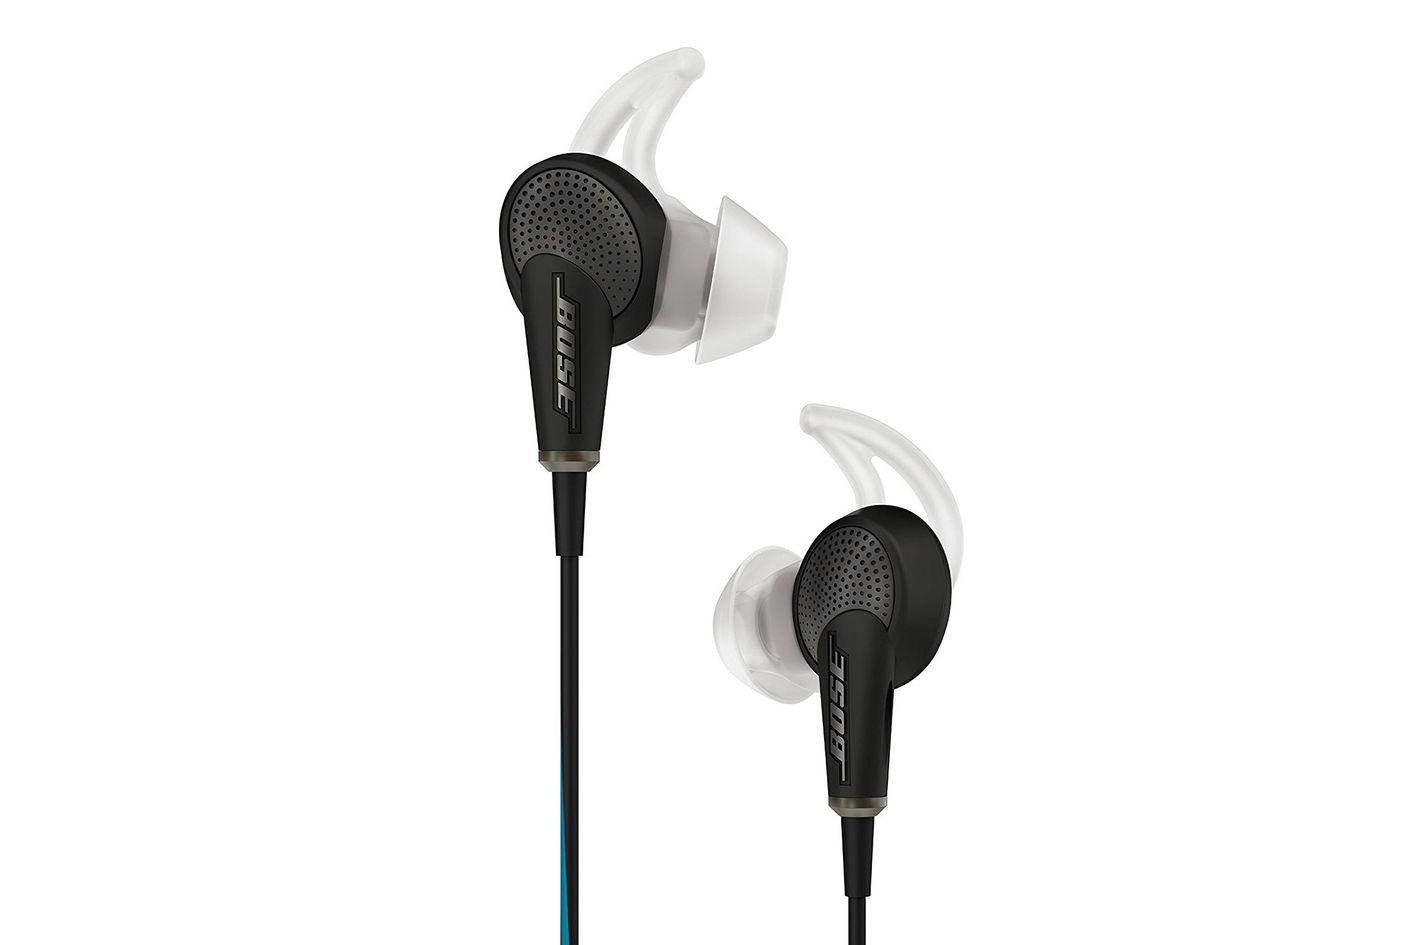 Bose Quiet Comfort Acoustic Noise-Canceling Headphones